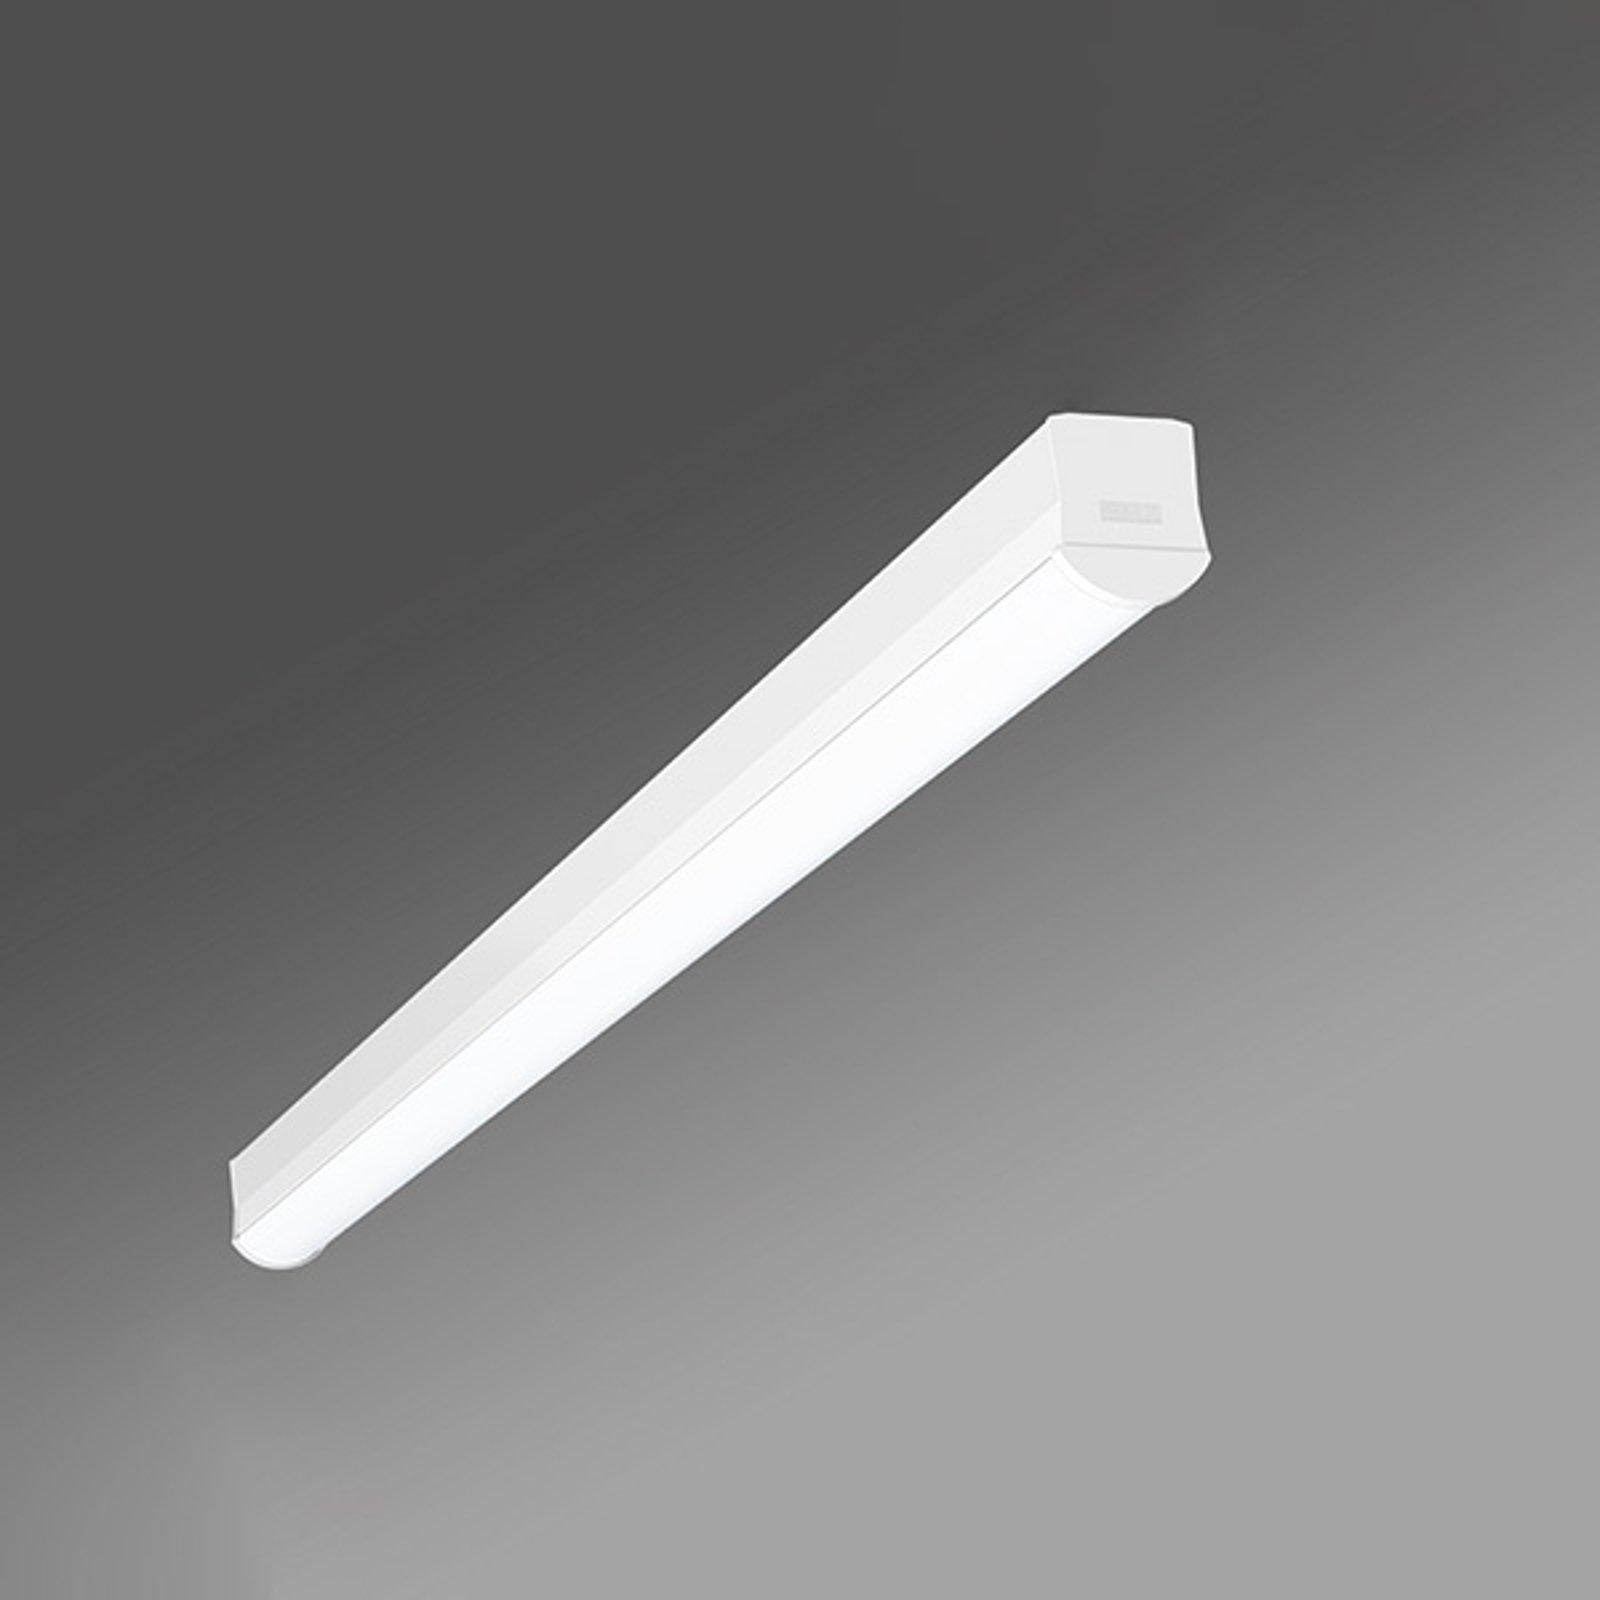 Lang LED-taklampe med Ilia-ILG/1200 4 000 K